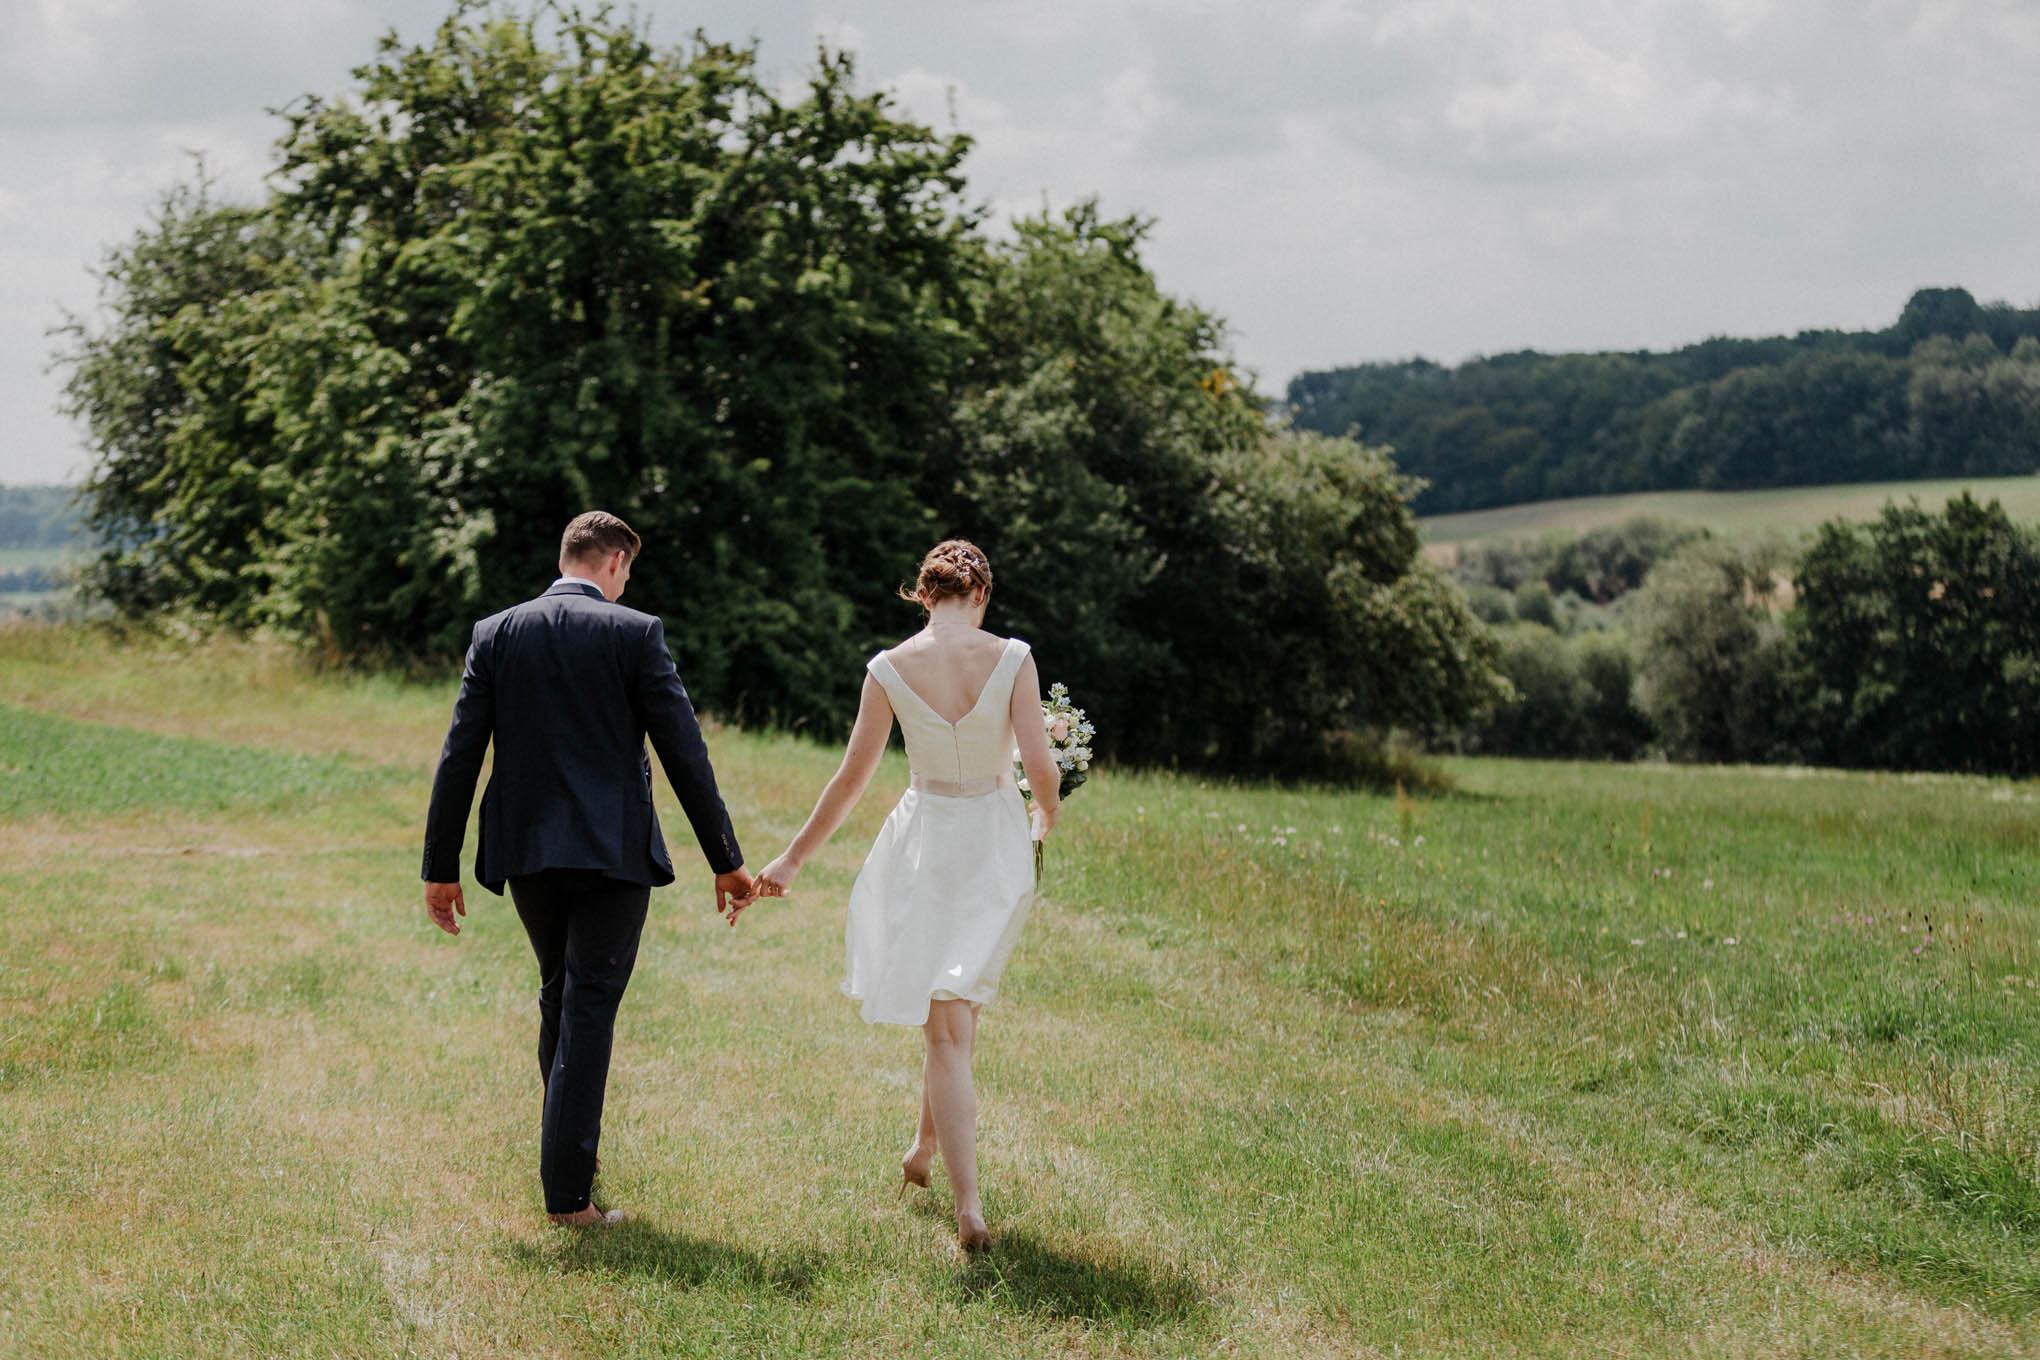 Brautpaar Hand in Hand auf dem Feld im Westerwald